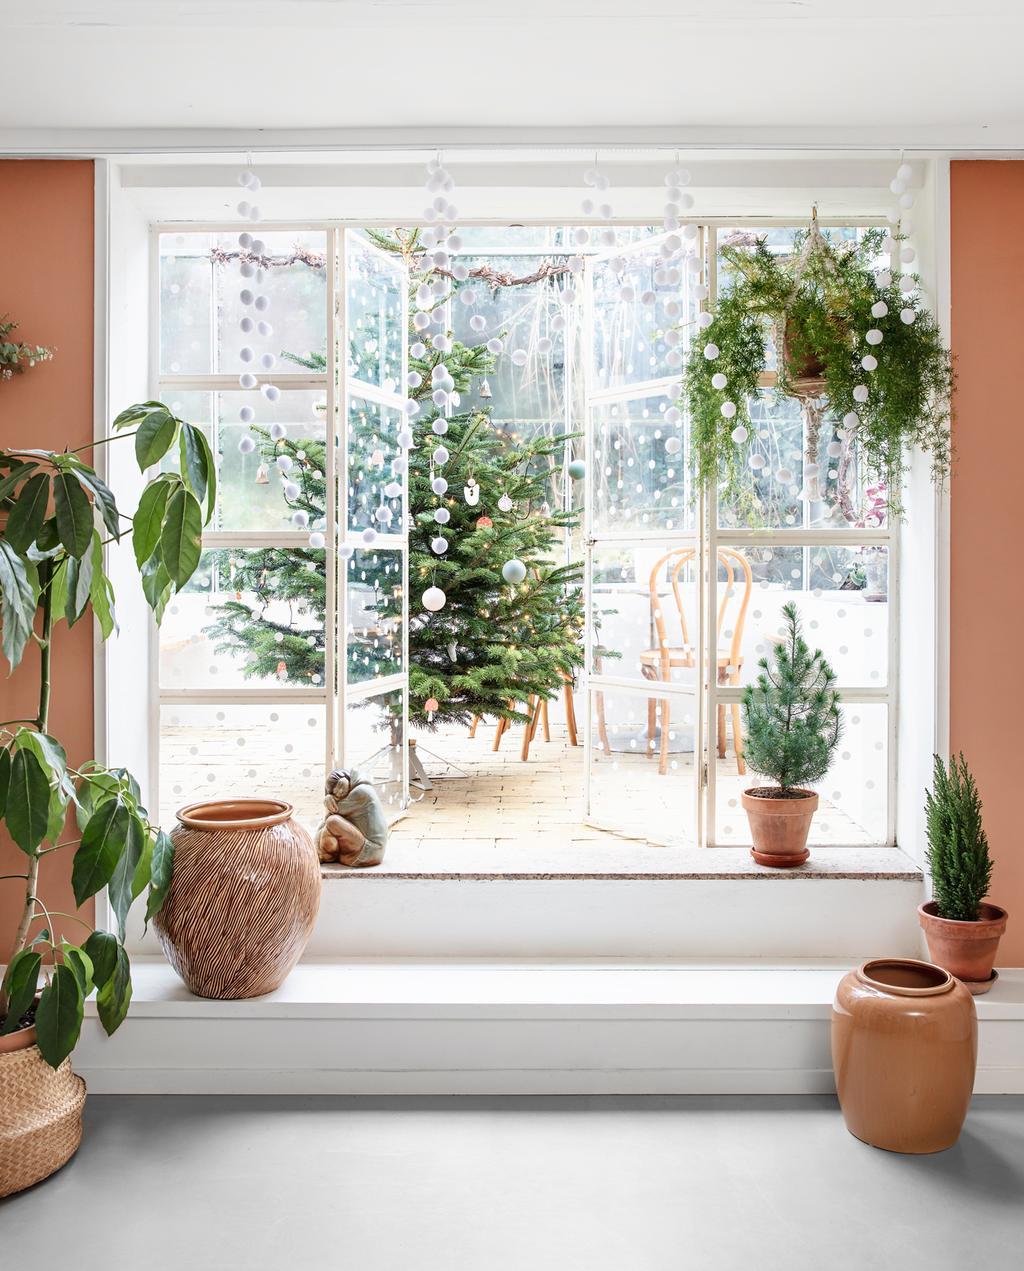 vtwonen 13-2019 | binnenkijken in een bungalow in Kopenhagen openslaande deuren